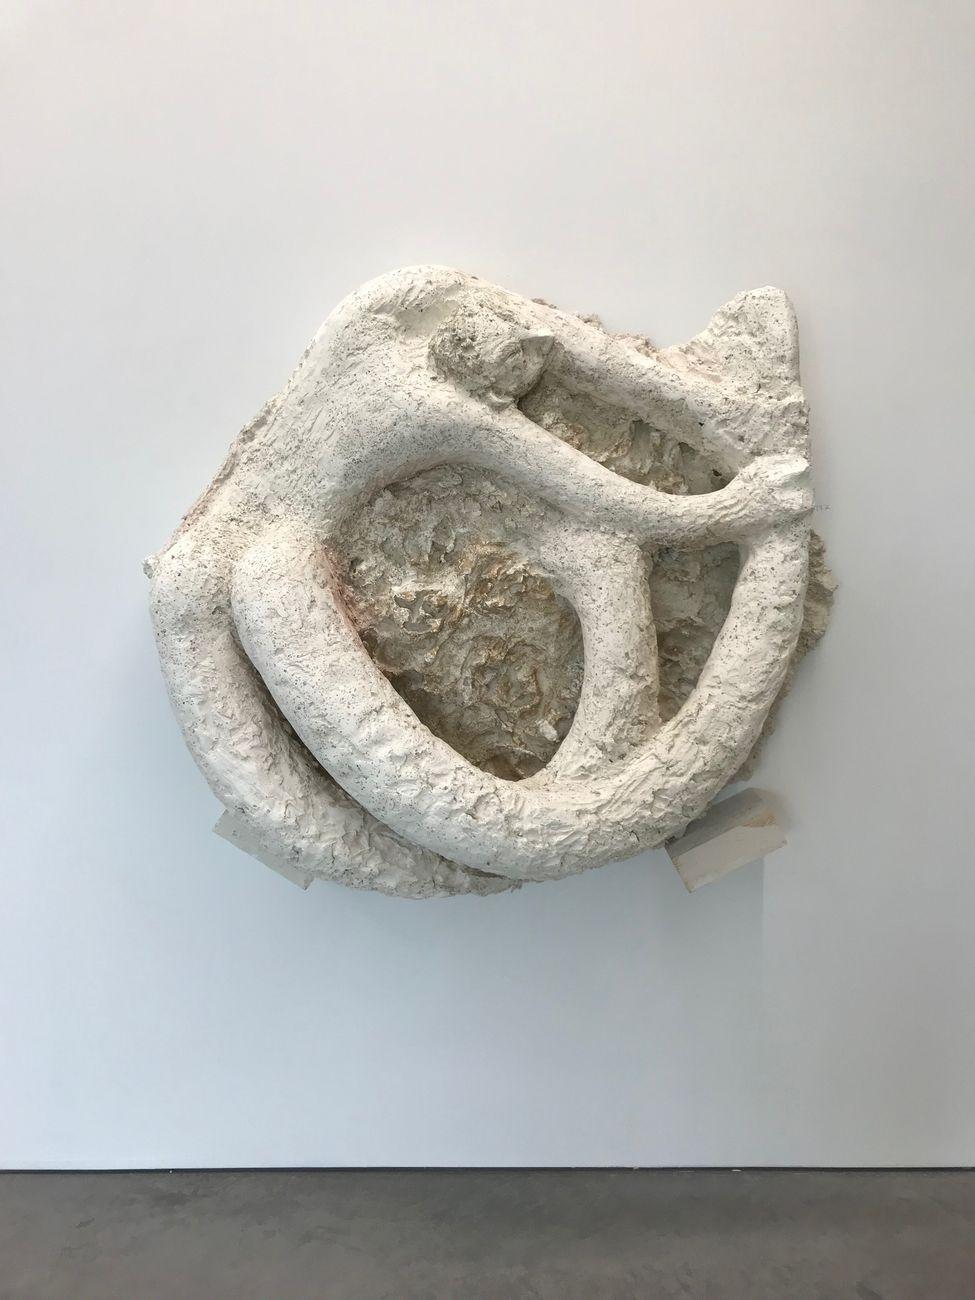 Giovanni Copelli, Tritone, 2019, gesso, cemento, polvere di bronzo, polvere, cm 120x100x40. Installation view at MRAC, Serignan